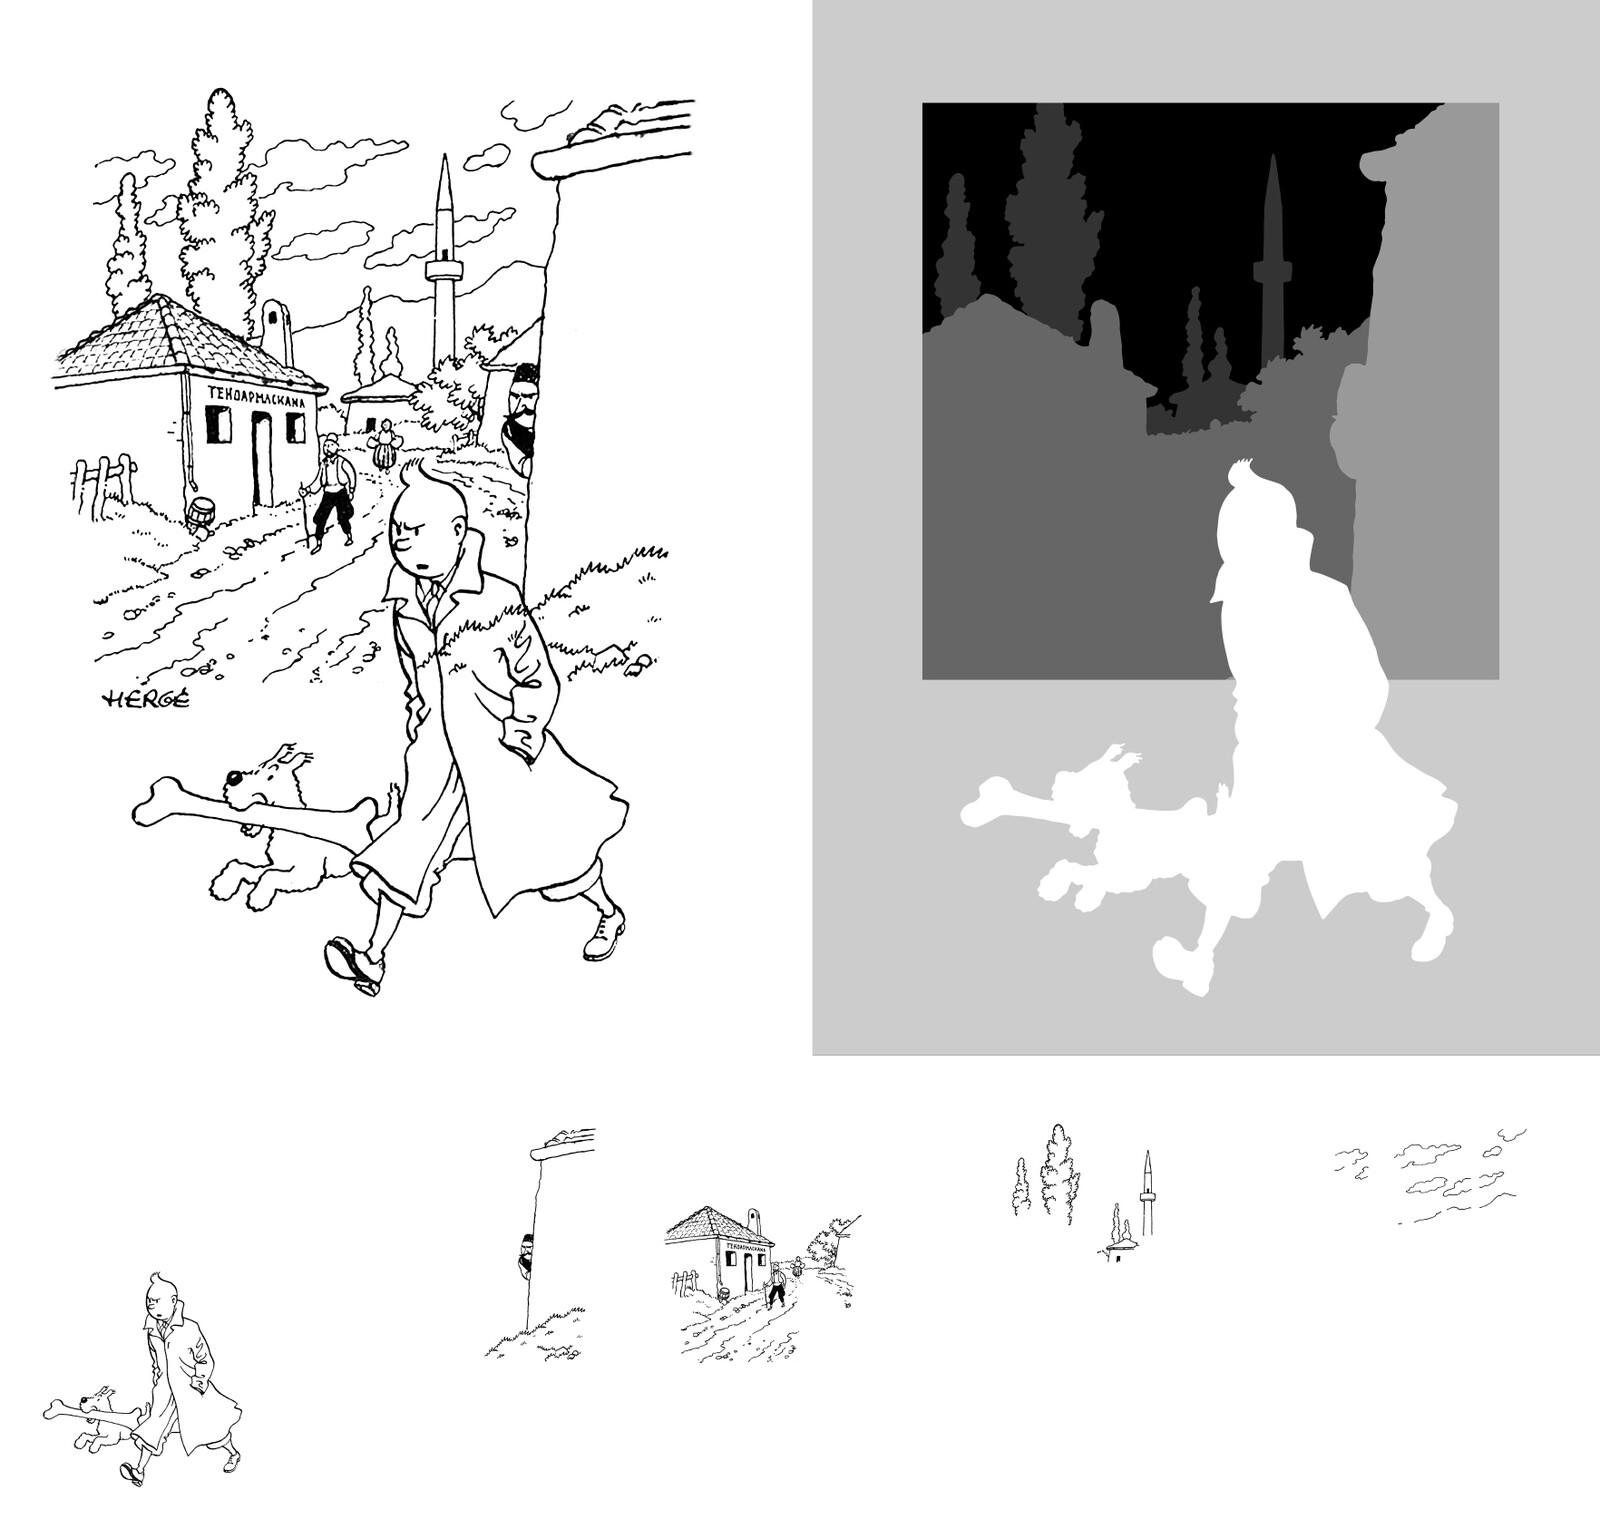 Tintin - Layered Frame - Height Map